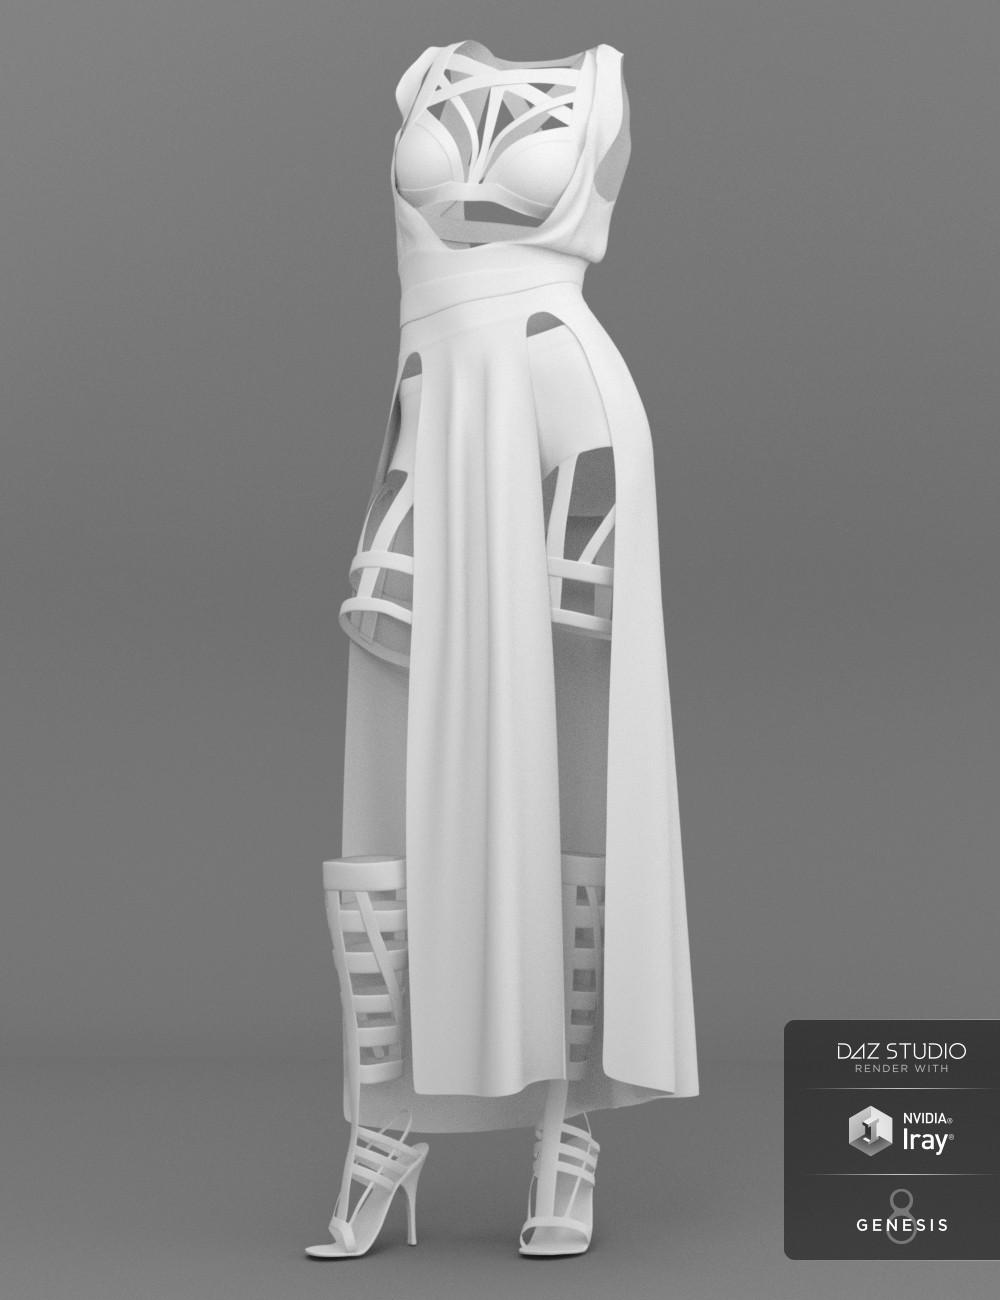 ArtStation - dForce Night Stalker Outfit for Genesis 8 Females, Lisa